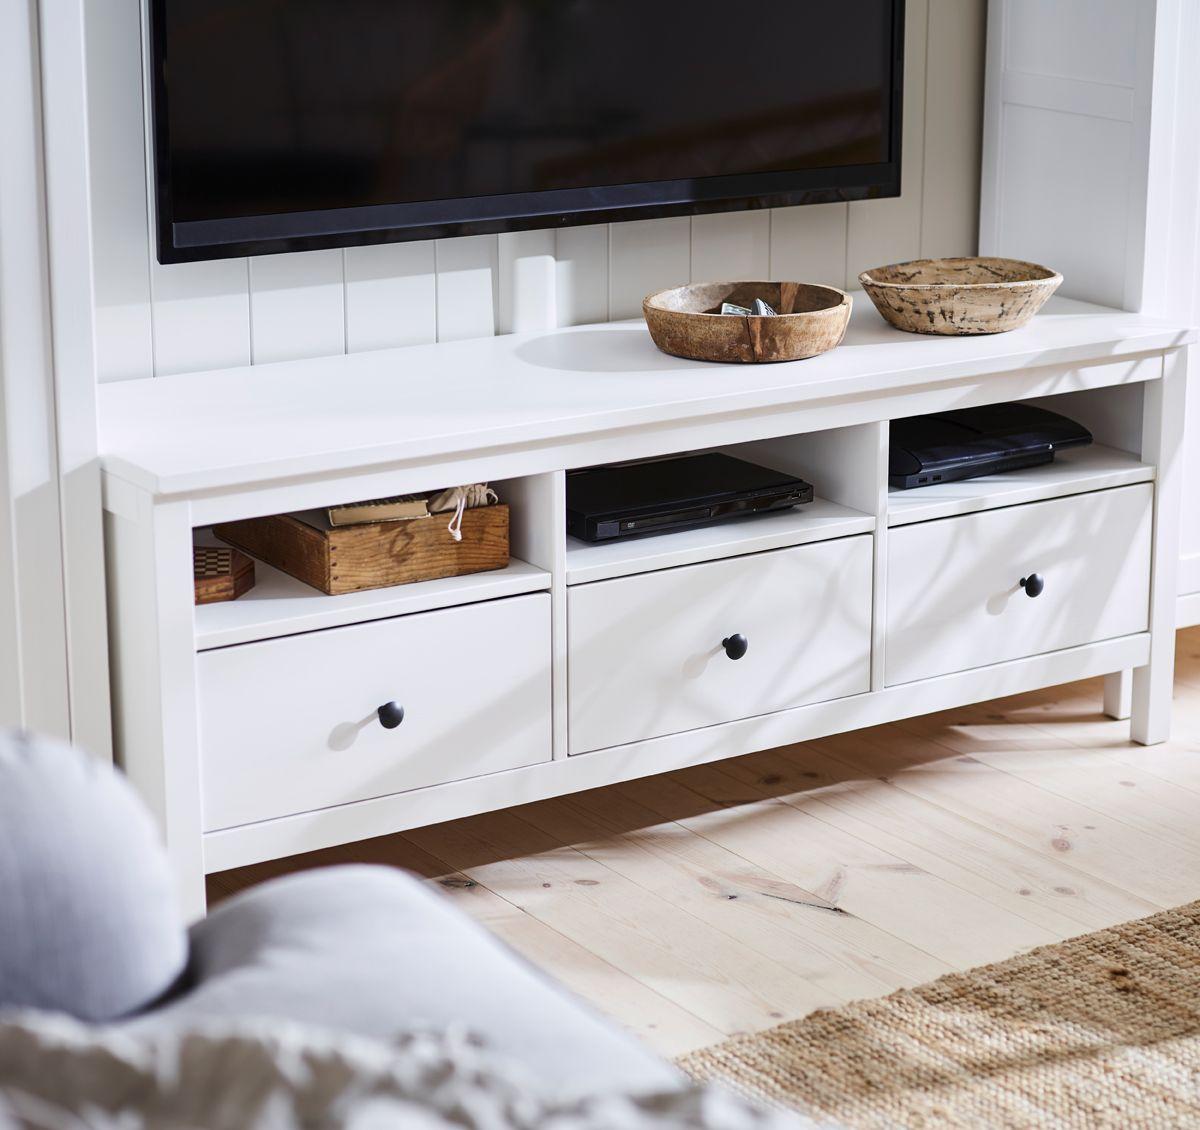 les grands tiroirs du banc tv traditionnel hemnes en bois massif teint blanc sont parfaits. Black Bedroom Furniture Sets. Home Design Ideas